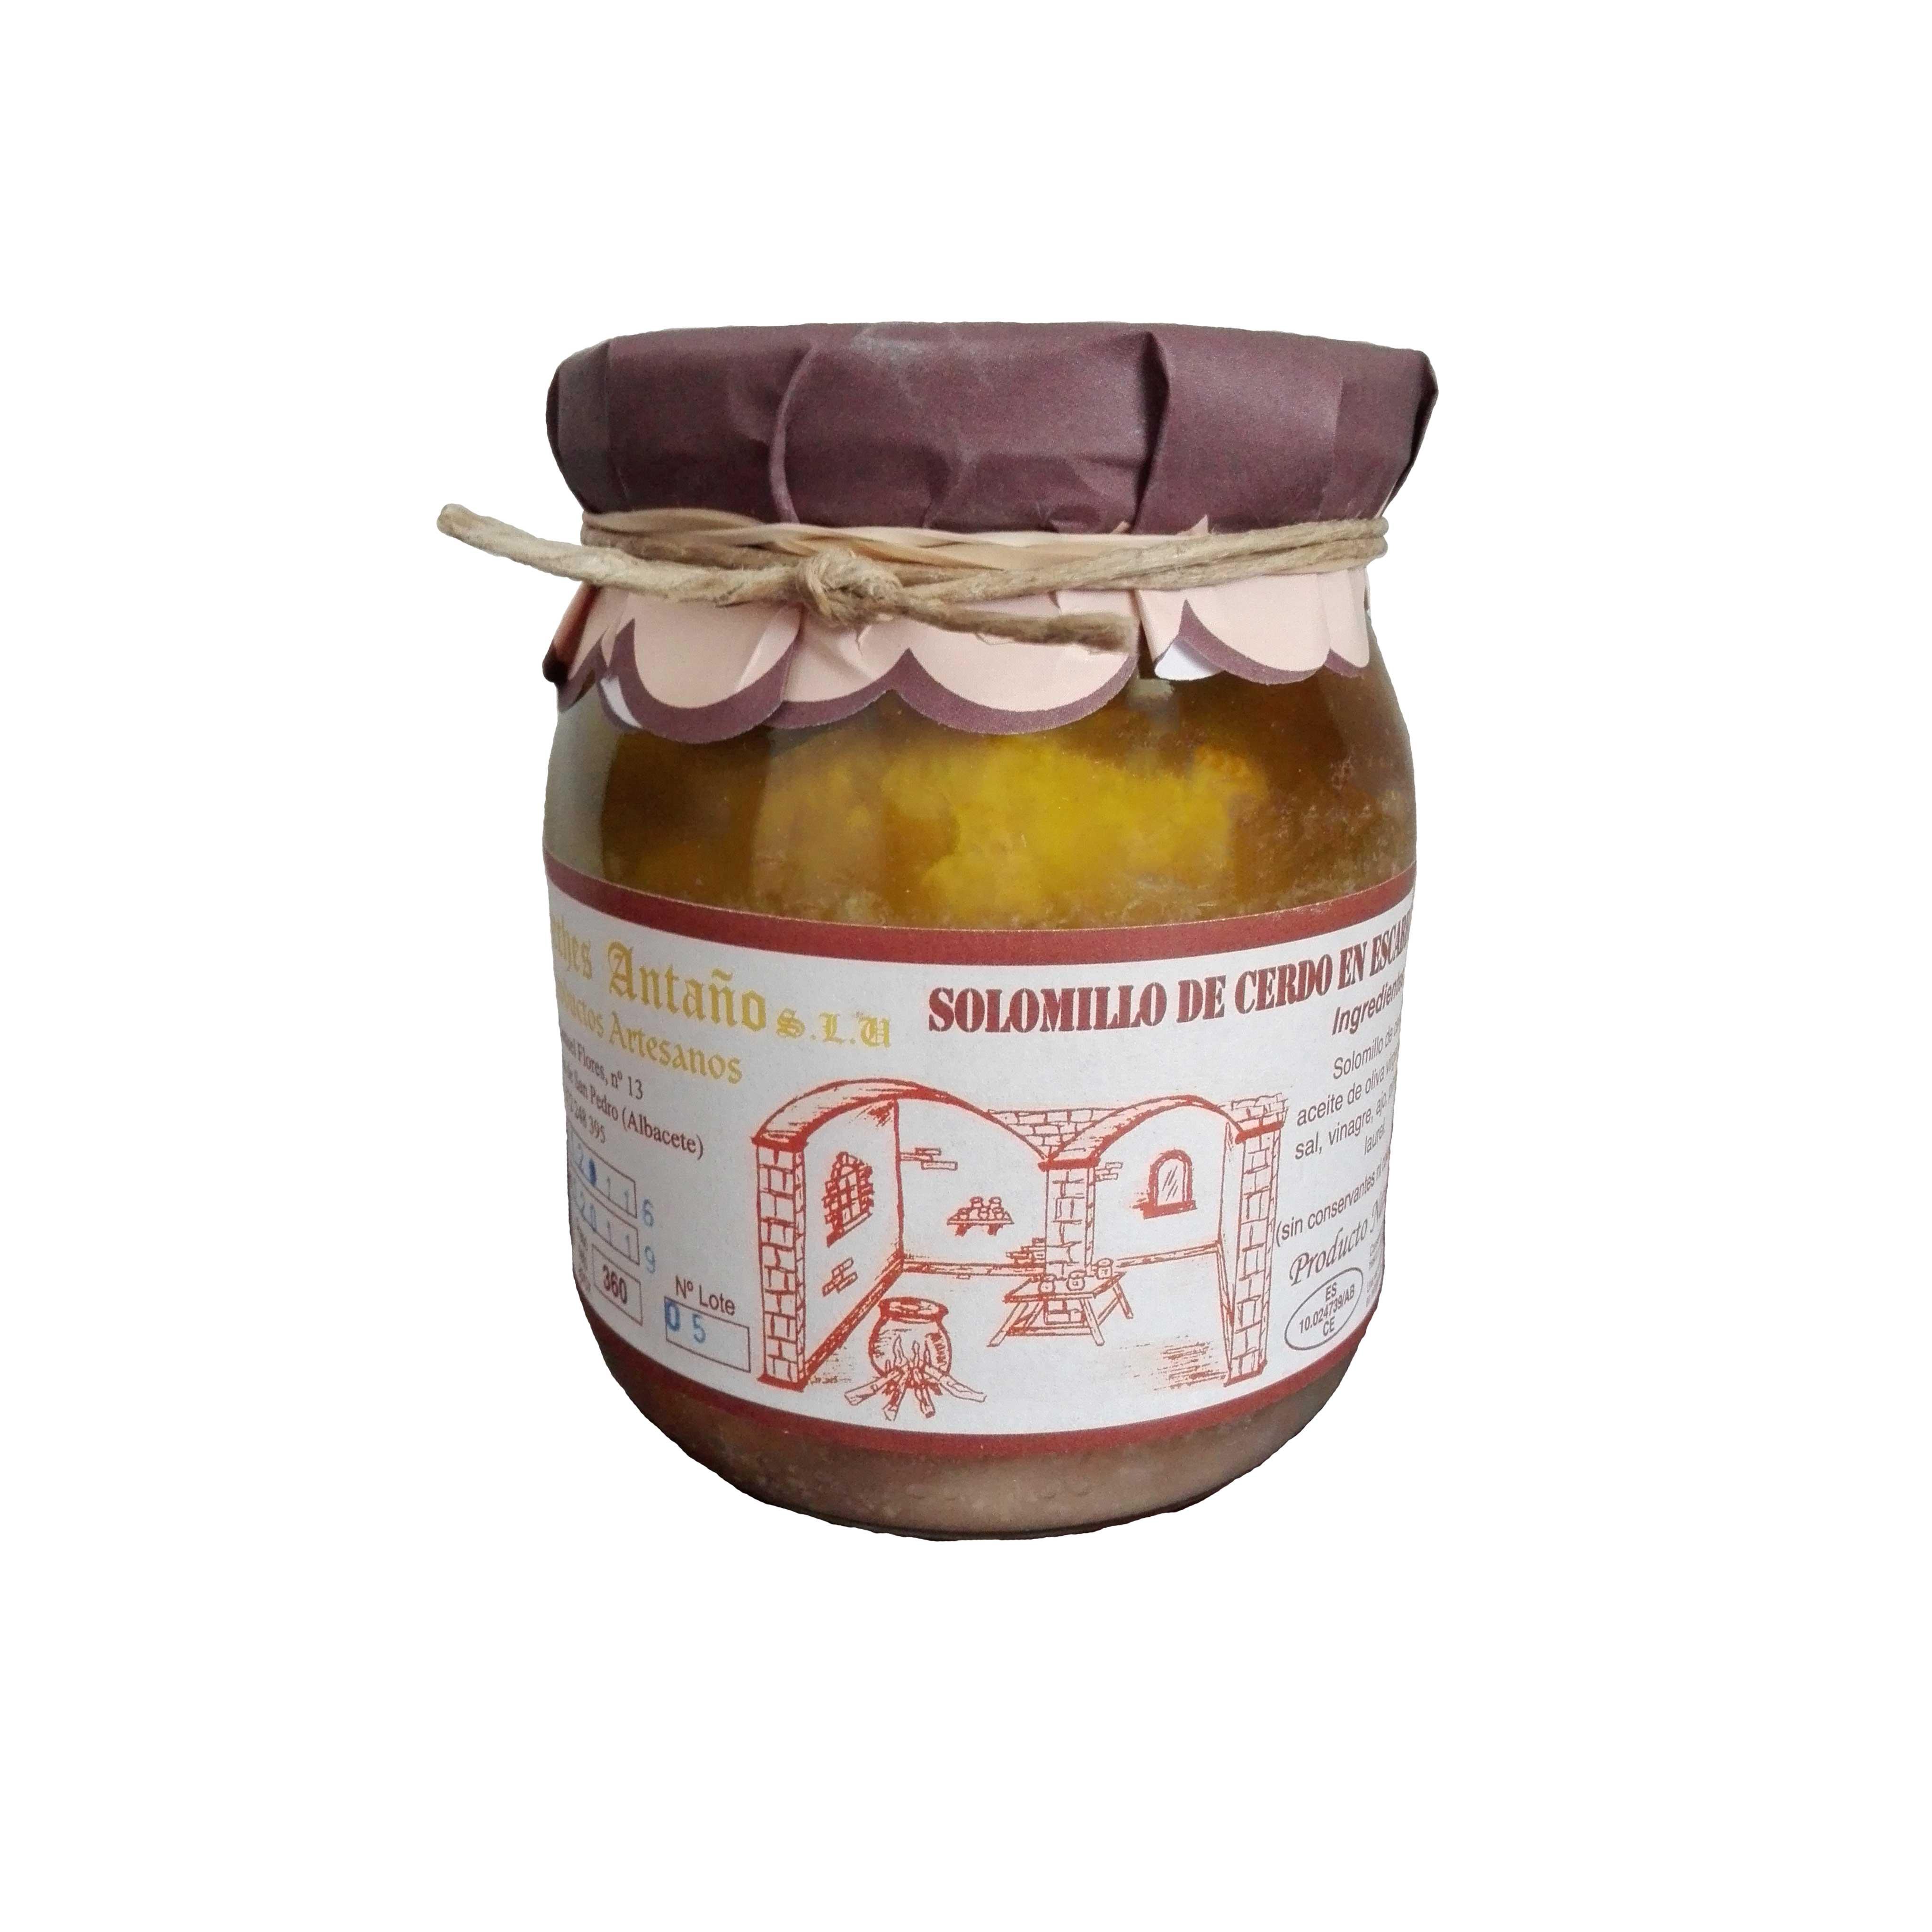 Comprar Solomillo de Cerdo en escabeche de Escabeches Antaño, elaboración artesanal. Receta tradicional. Producto Gourmet. Delicatessen de Albacete, Castilla – La Mancha